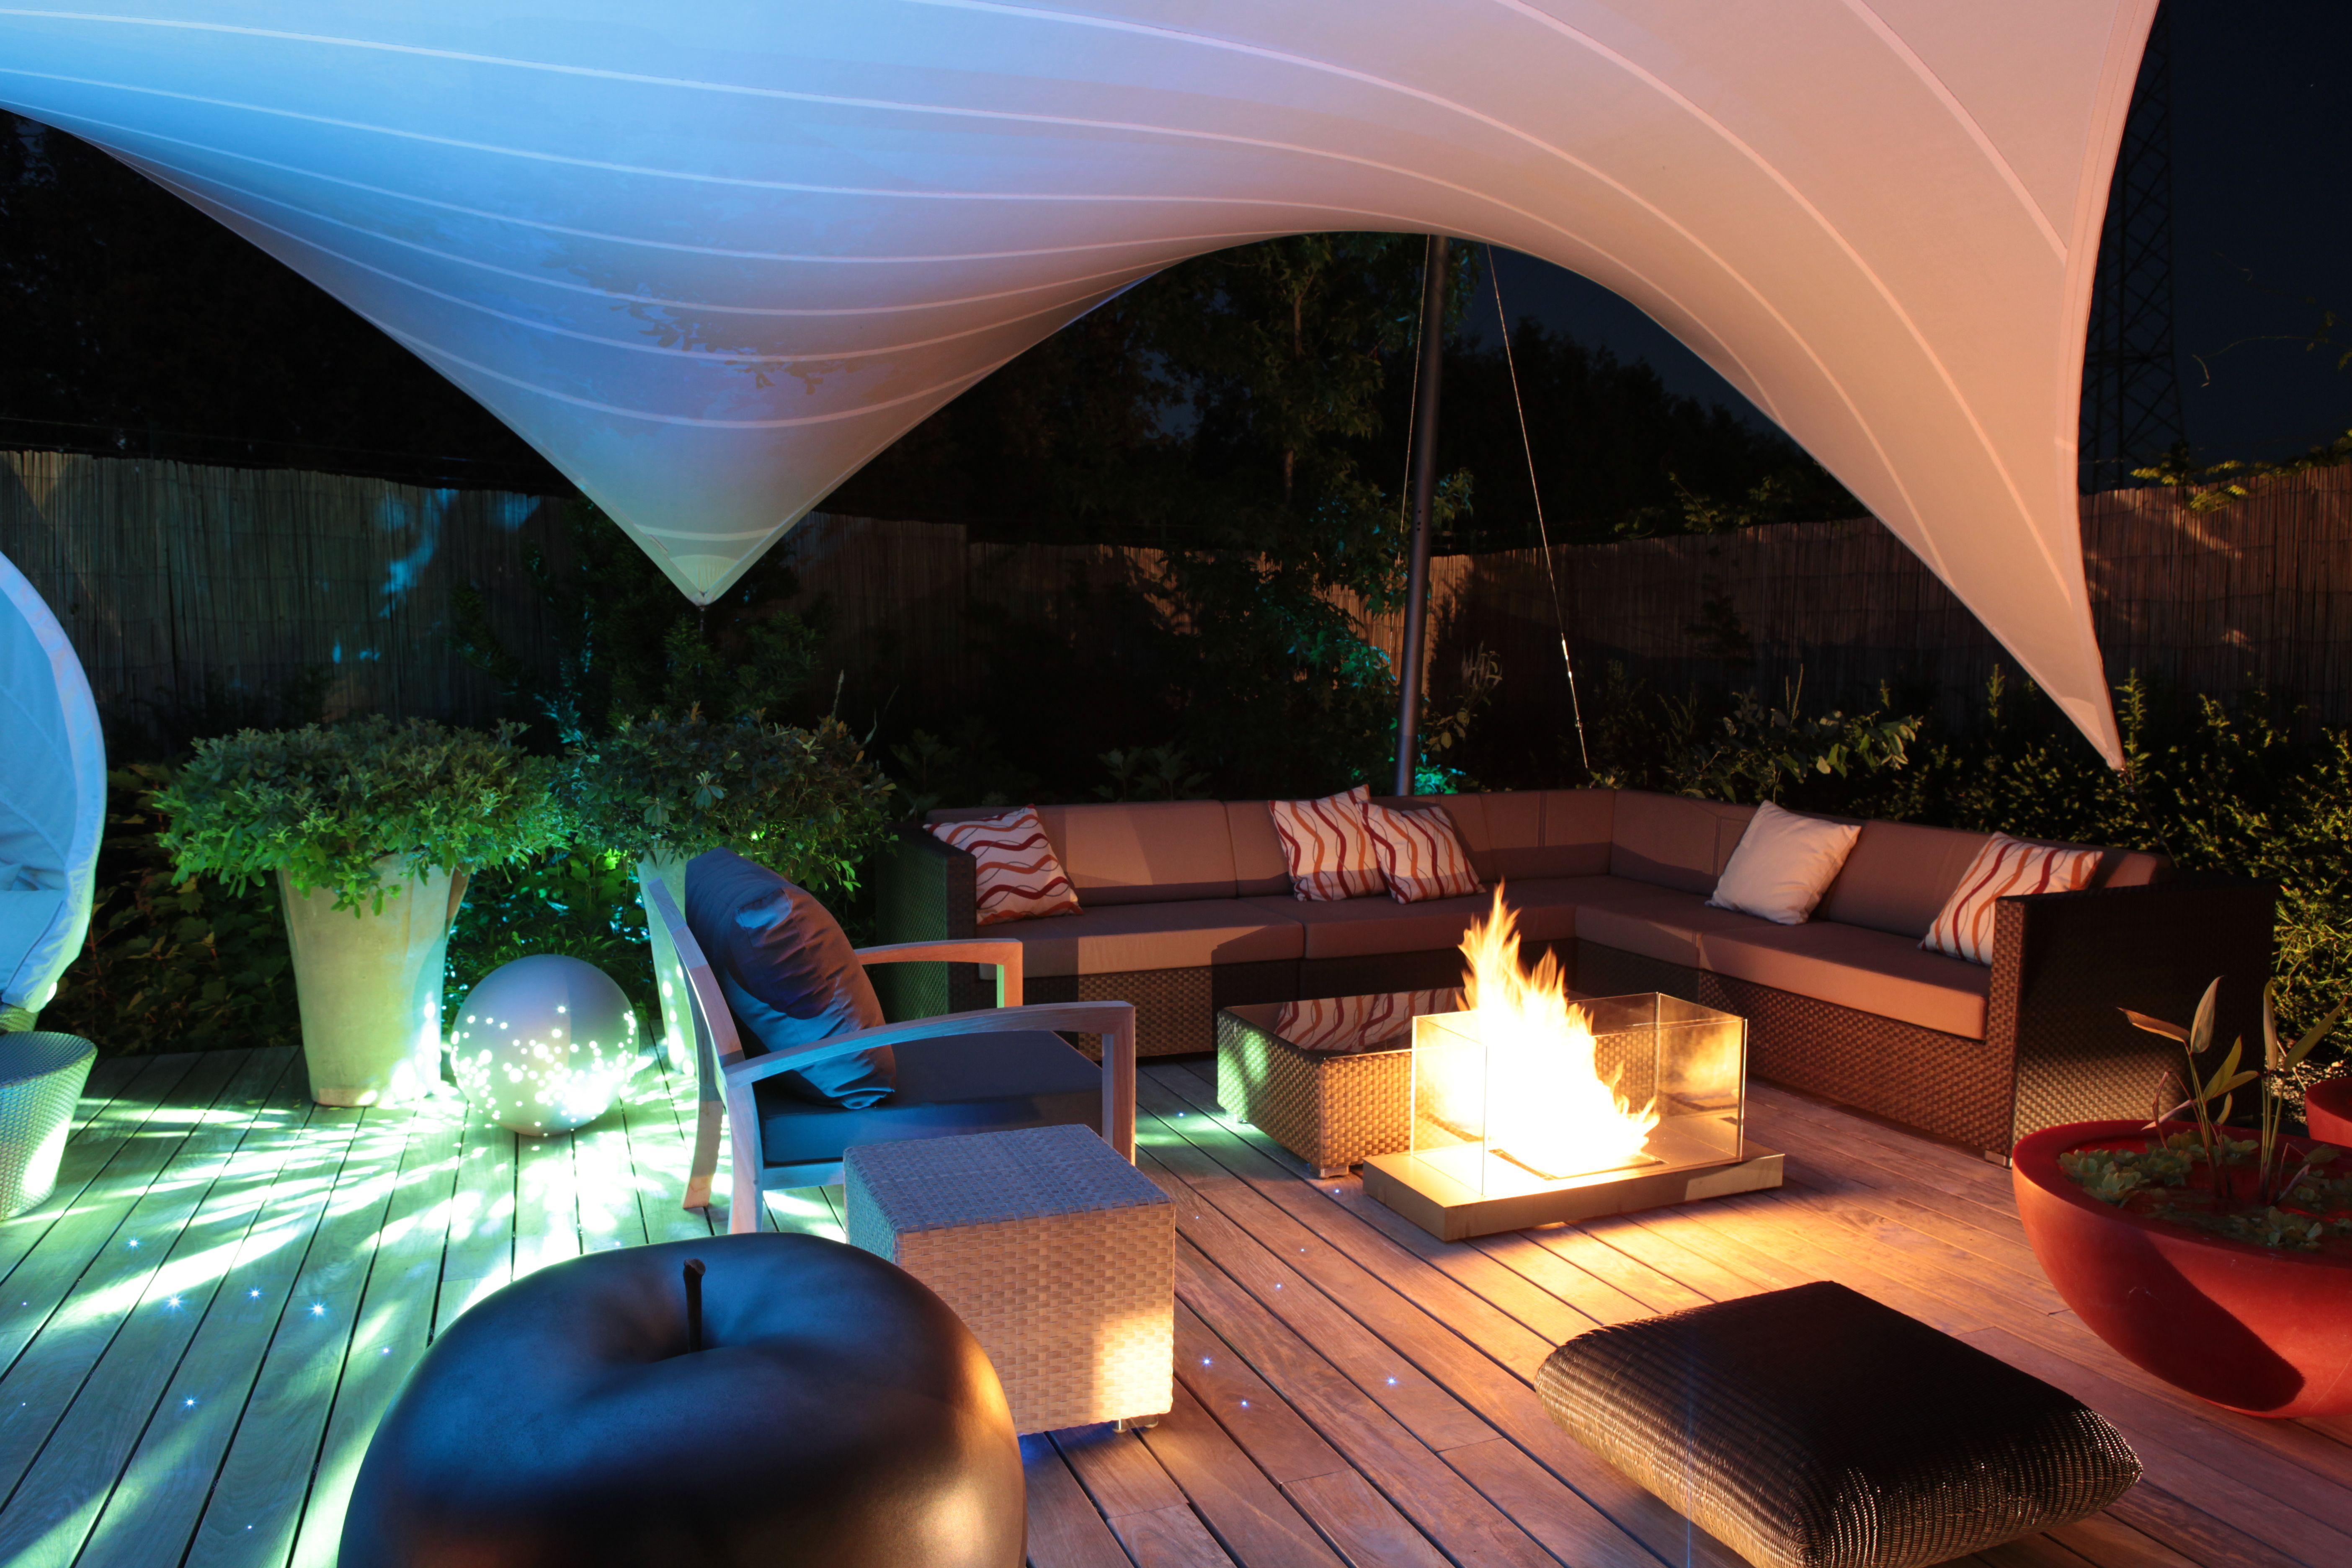 Aeronautec Icebird Ganzjahreslosung Aus Ptfe Die Beleuchtung Reflektiert An Dem Gewebe Und So Erhalt Terrassenuberdachung Architektur Uberdachung Terrasse